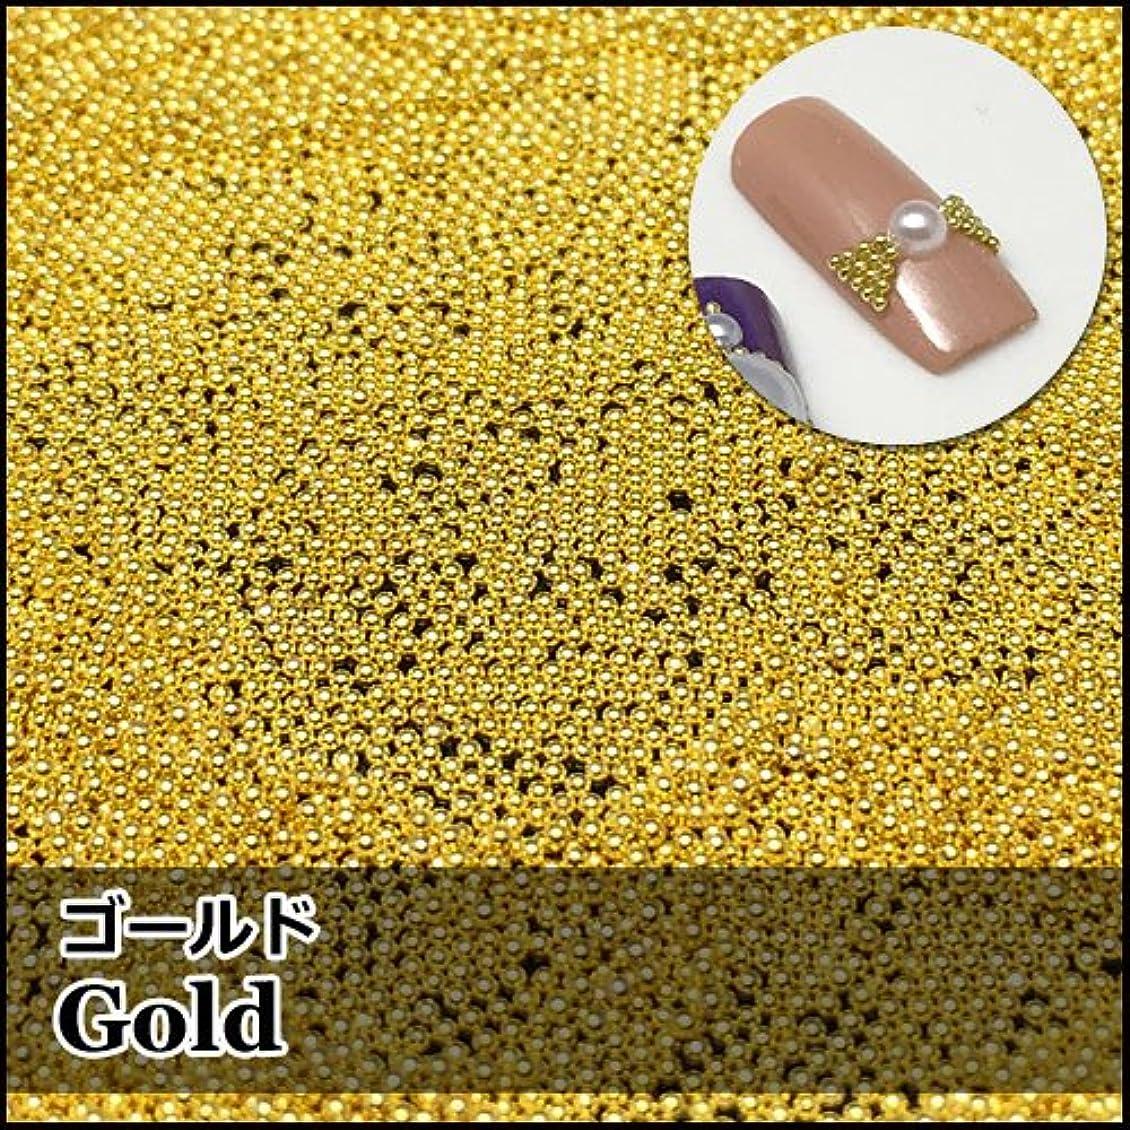 モジュール標準楽観的メタリックブリオン「ゴールド」1mm×3g入り(約600粒) [並行輸入品]